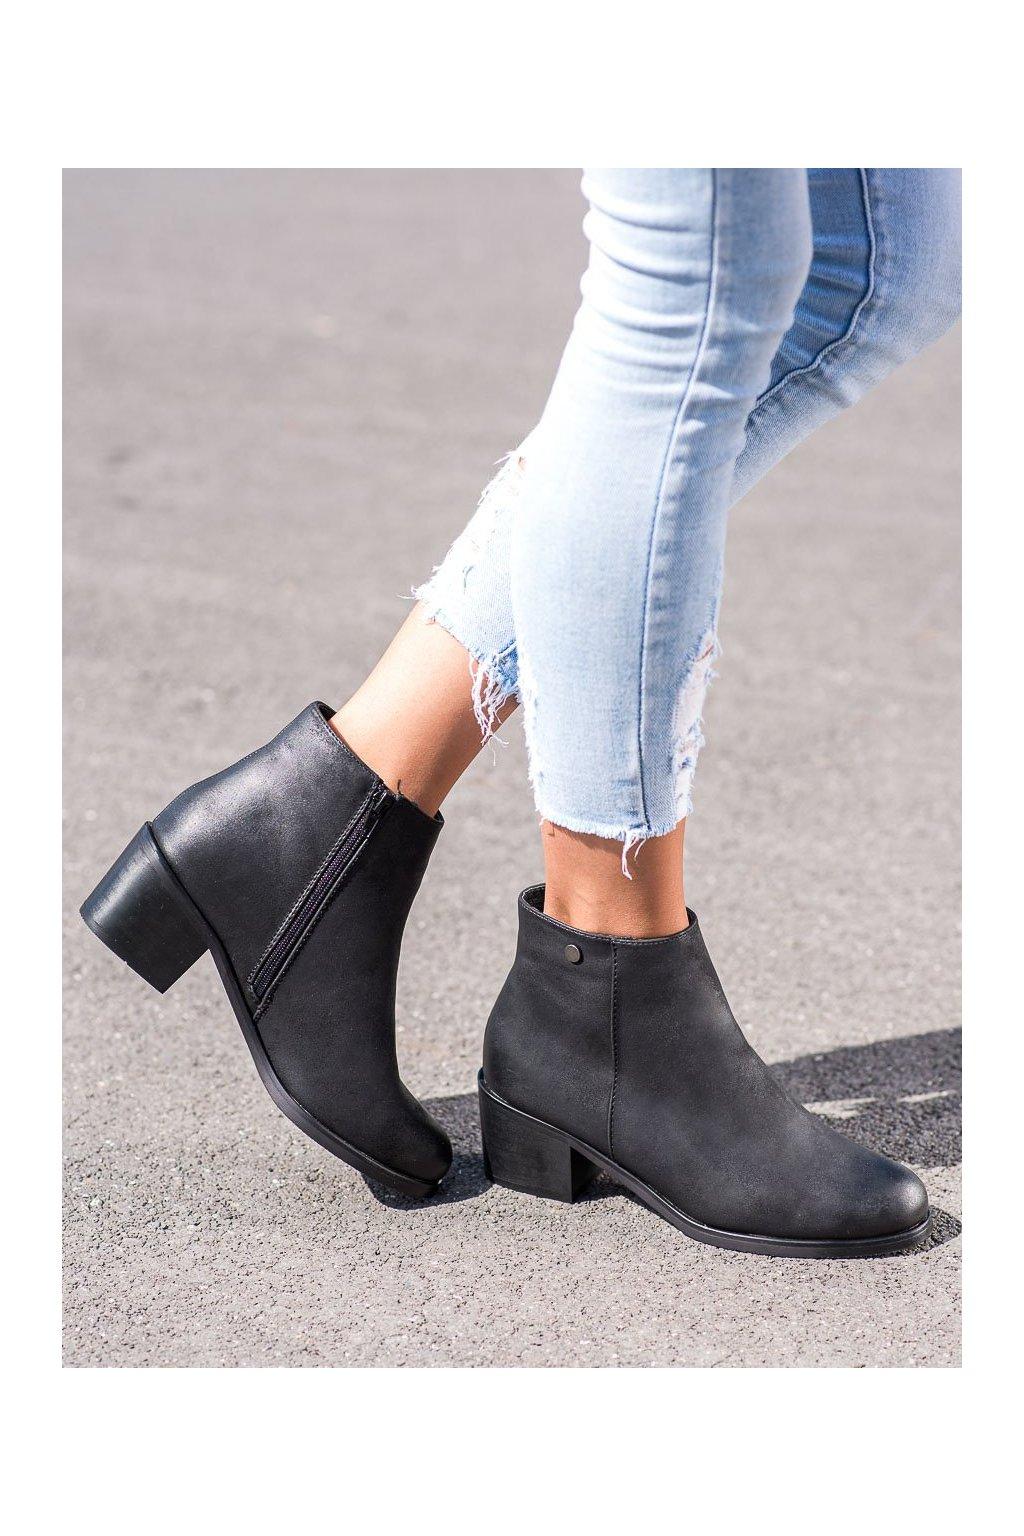 Čierne dámske topánky Goodin kod GD-DS-04B/B